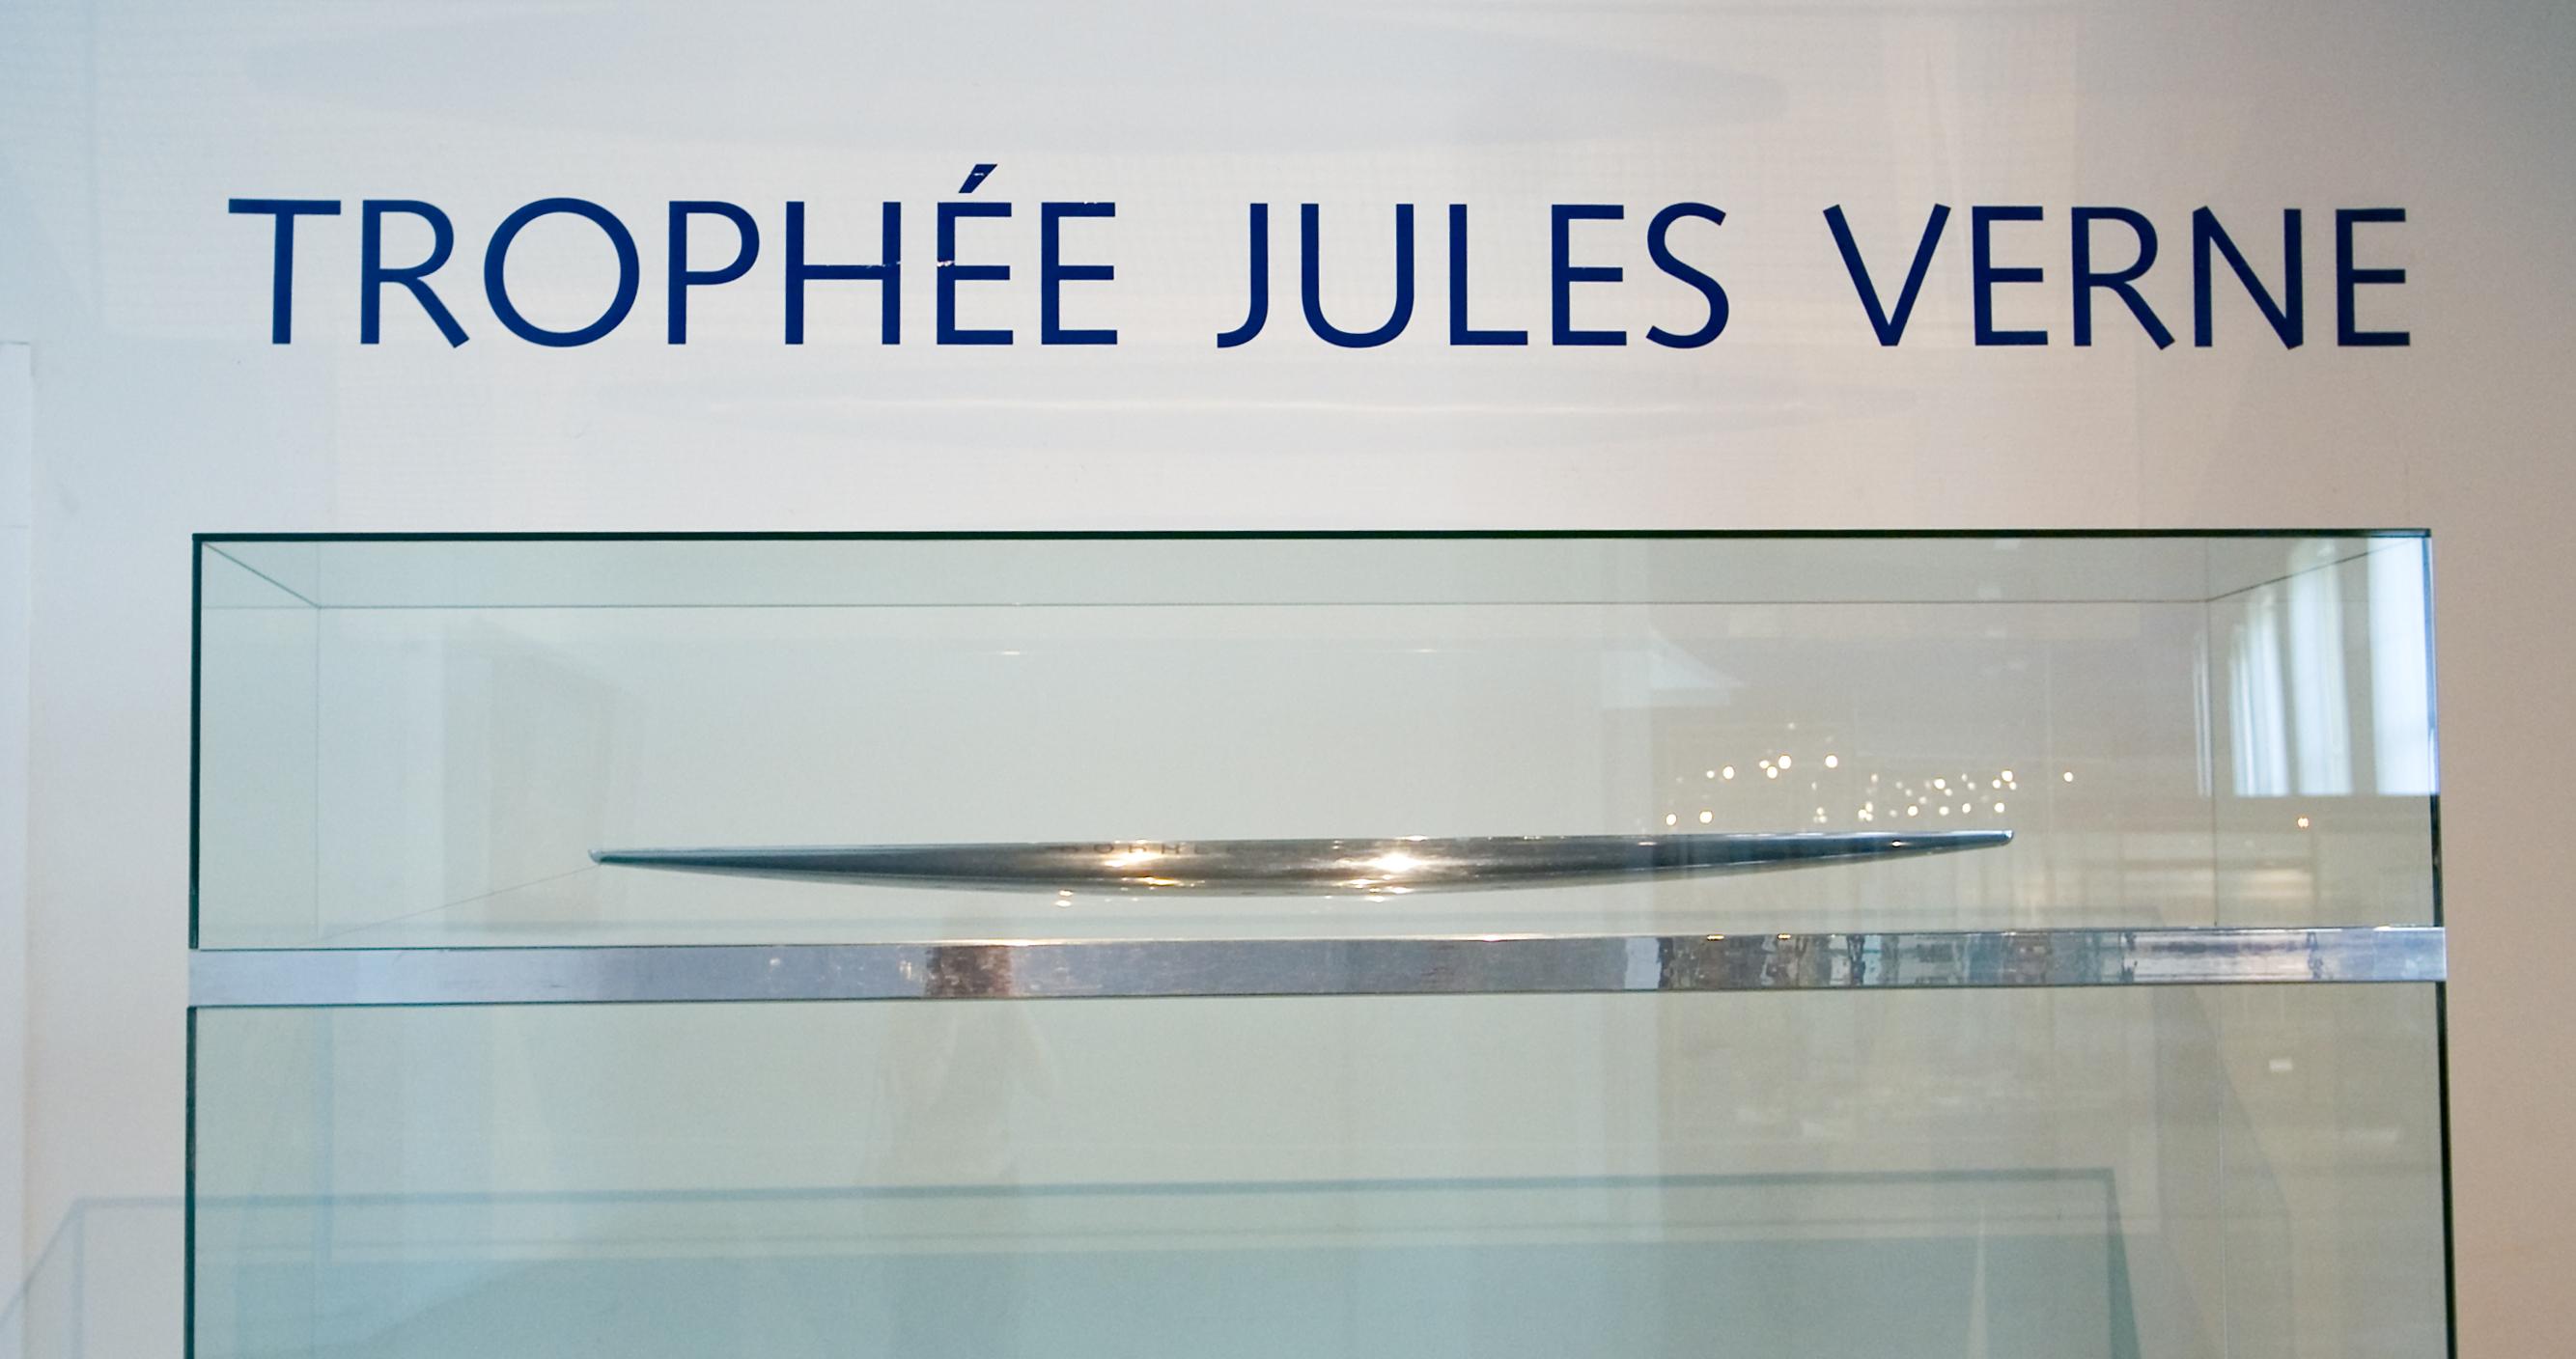 Jules Verne Trophy.jpg